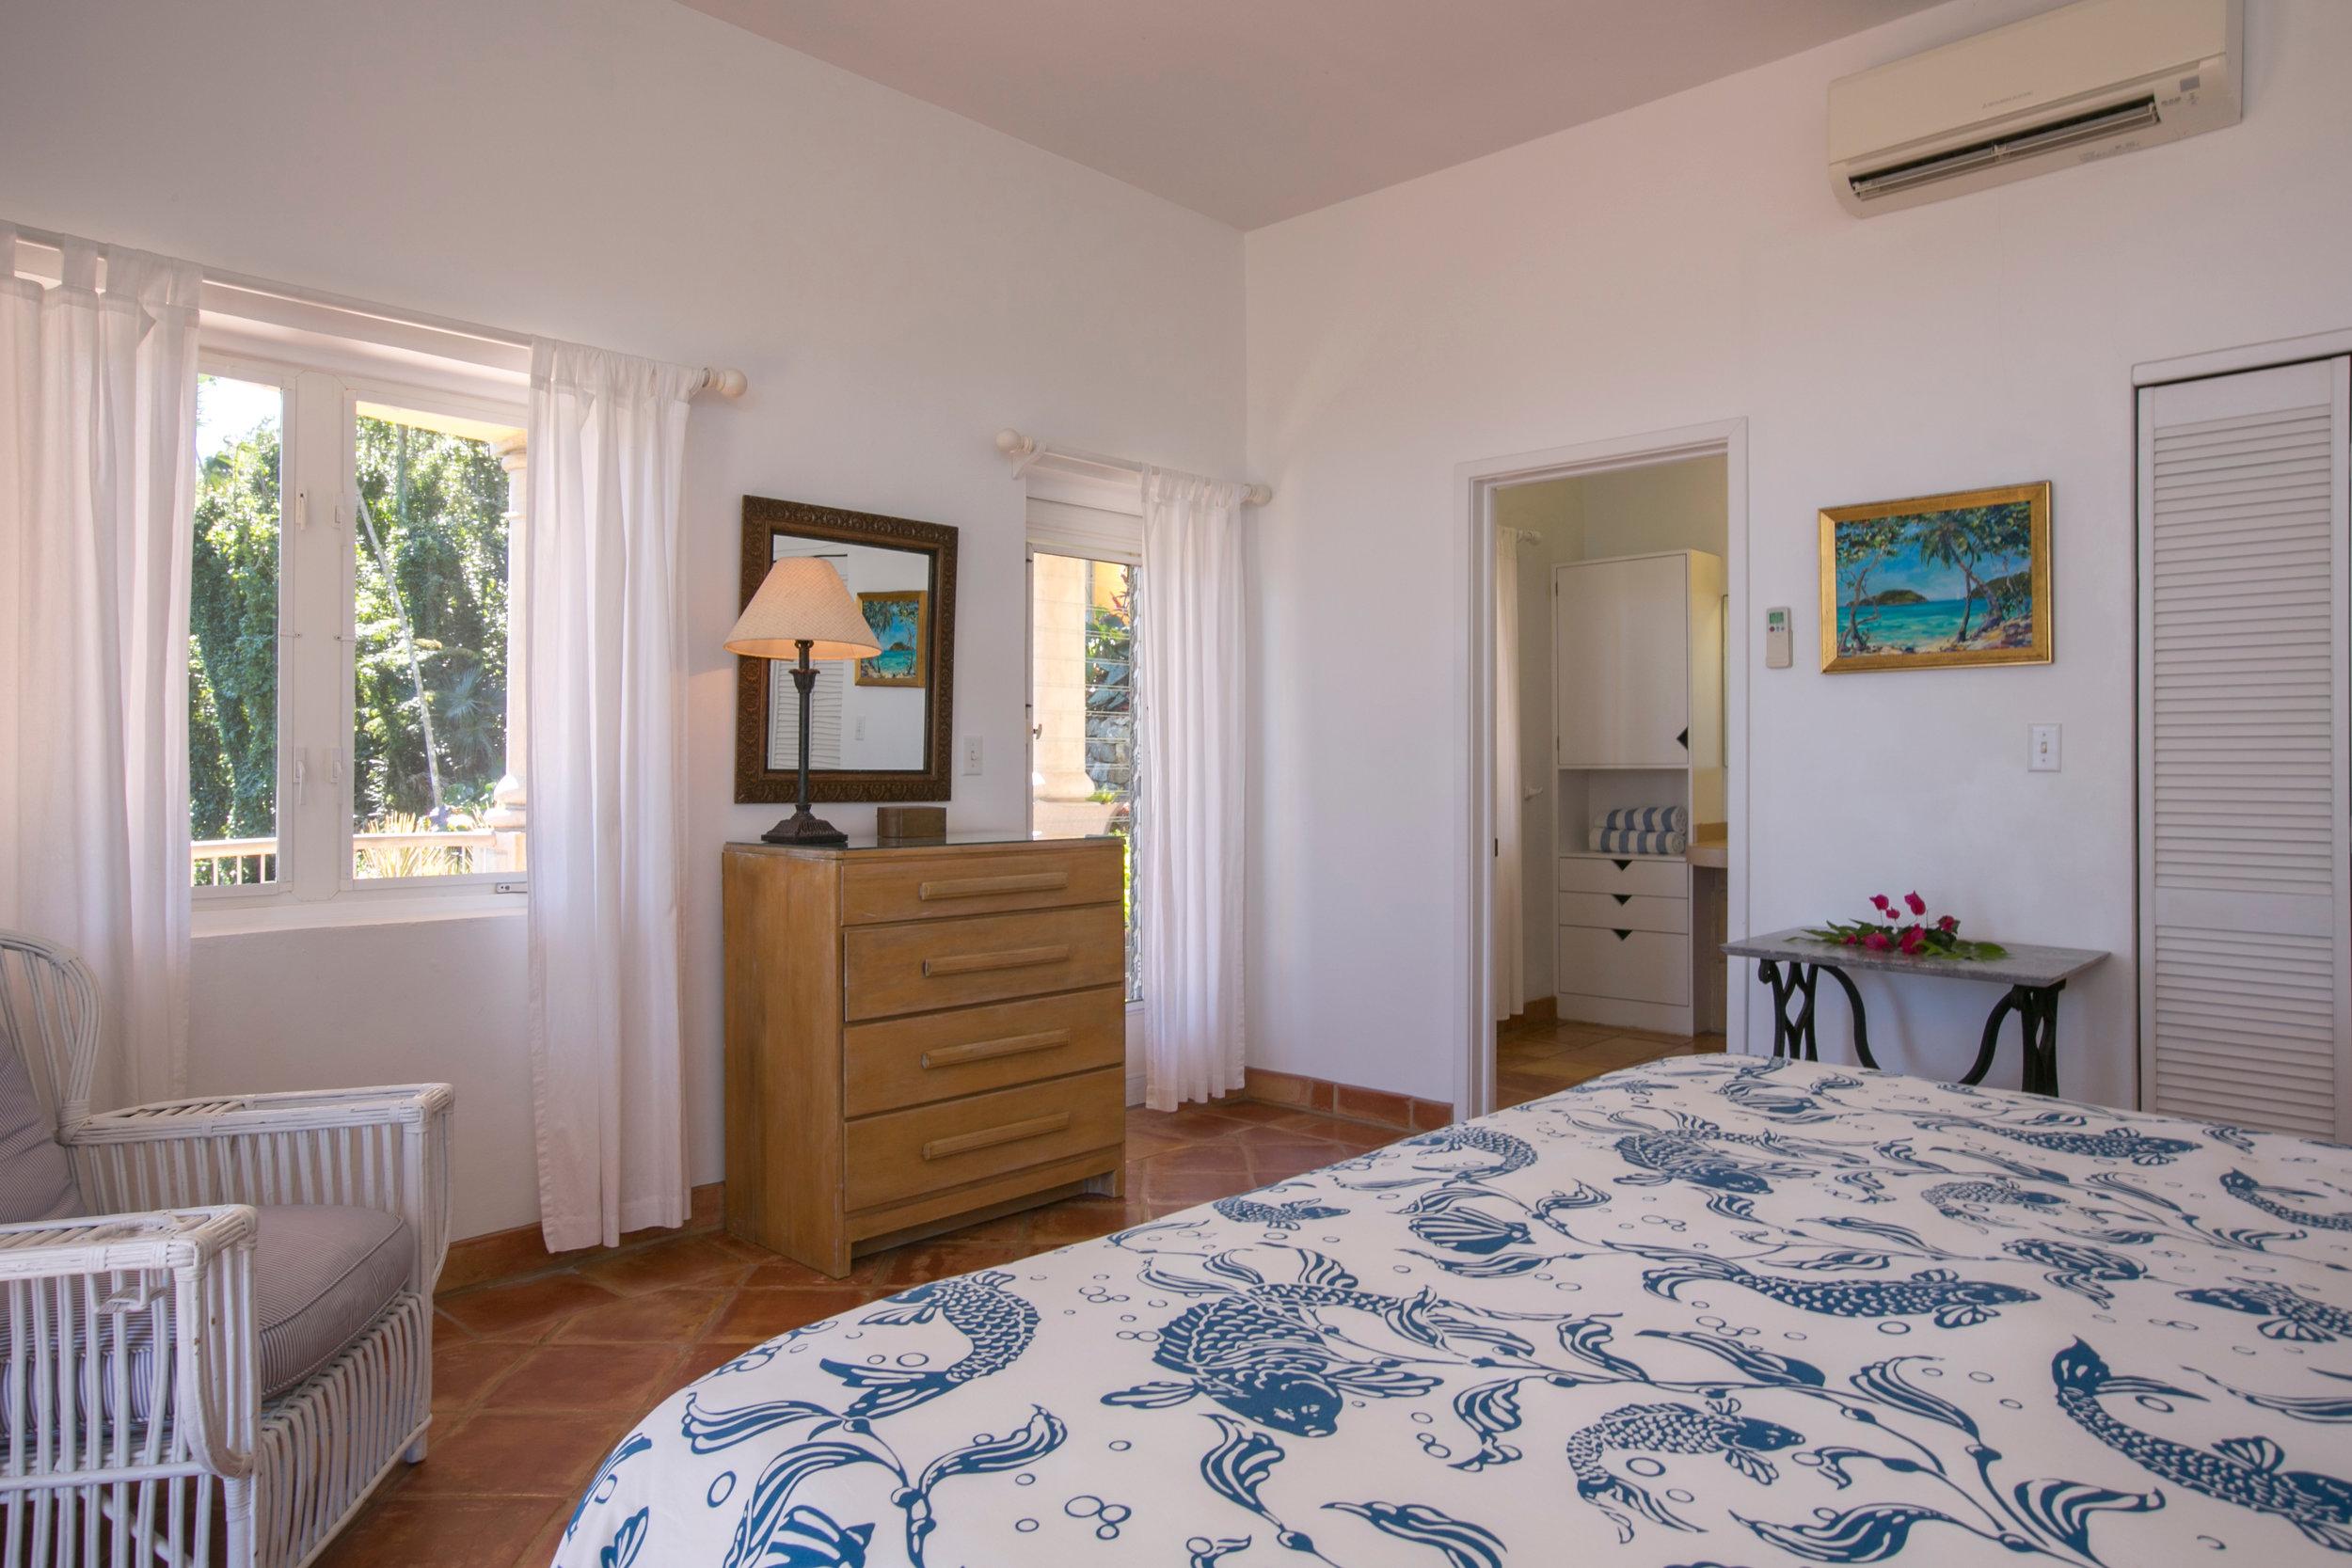 drakesview_white-bed-room-5D3B5396.jpg